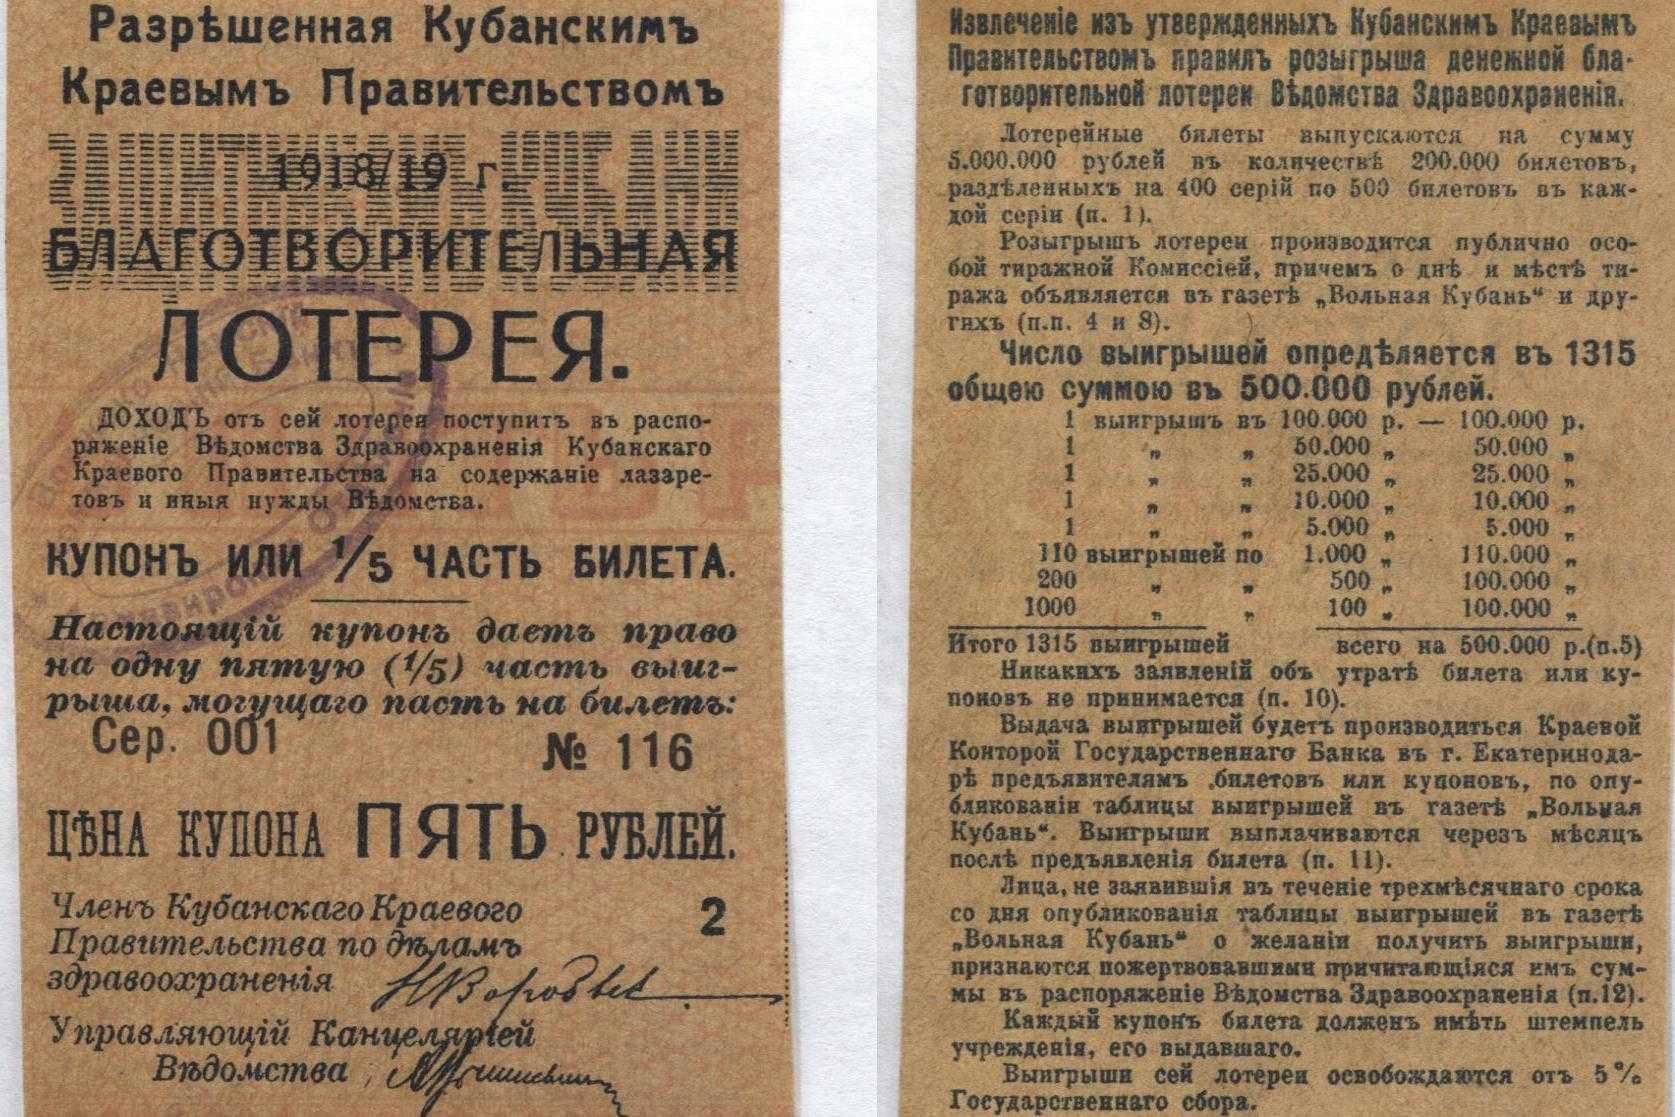 Was ist die erfolgreichste Lotterie in Russland? Überblick, Bewertung, Statistiken, Ergebnisse. | Oma Zeit | Yandex Zen